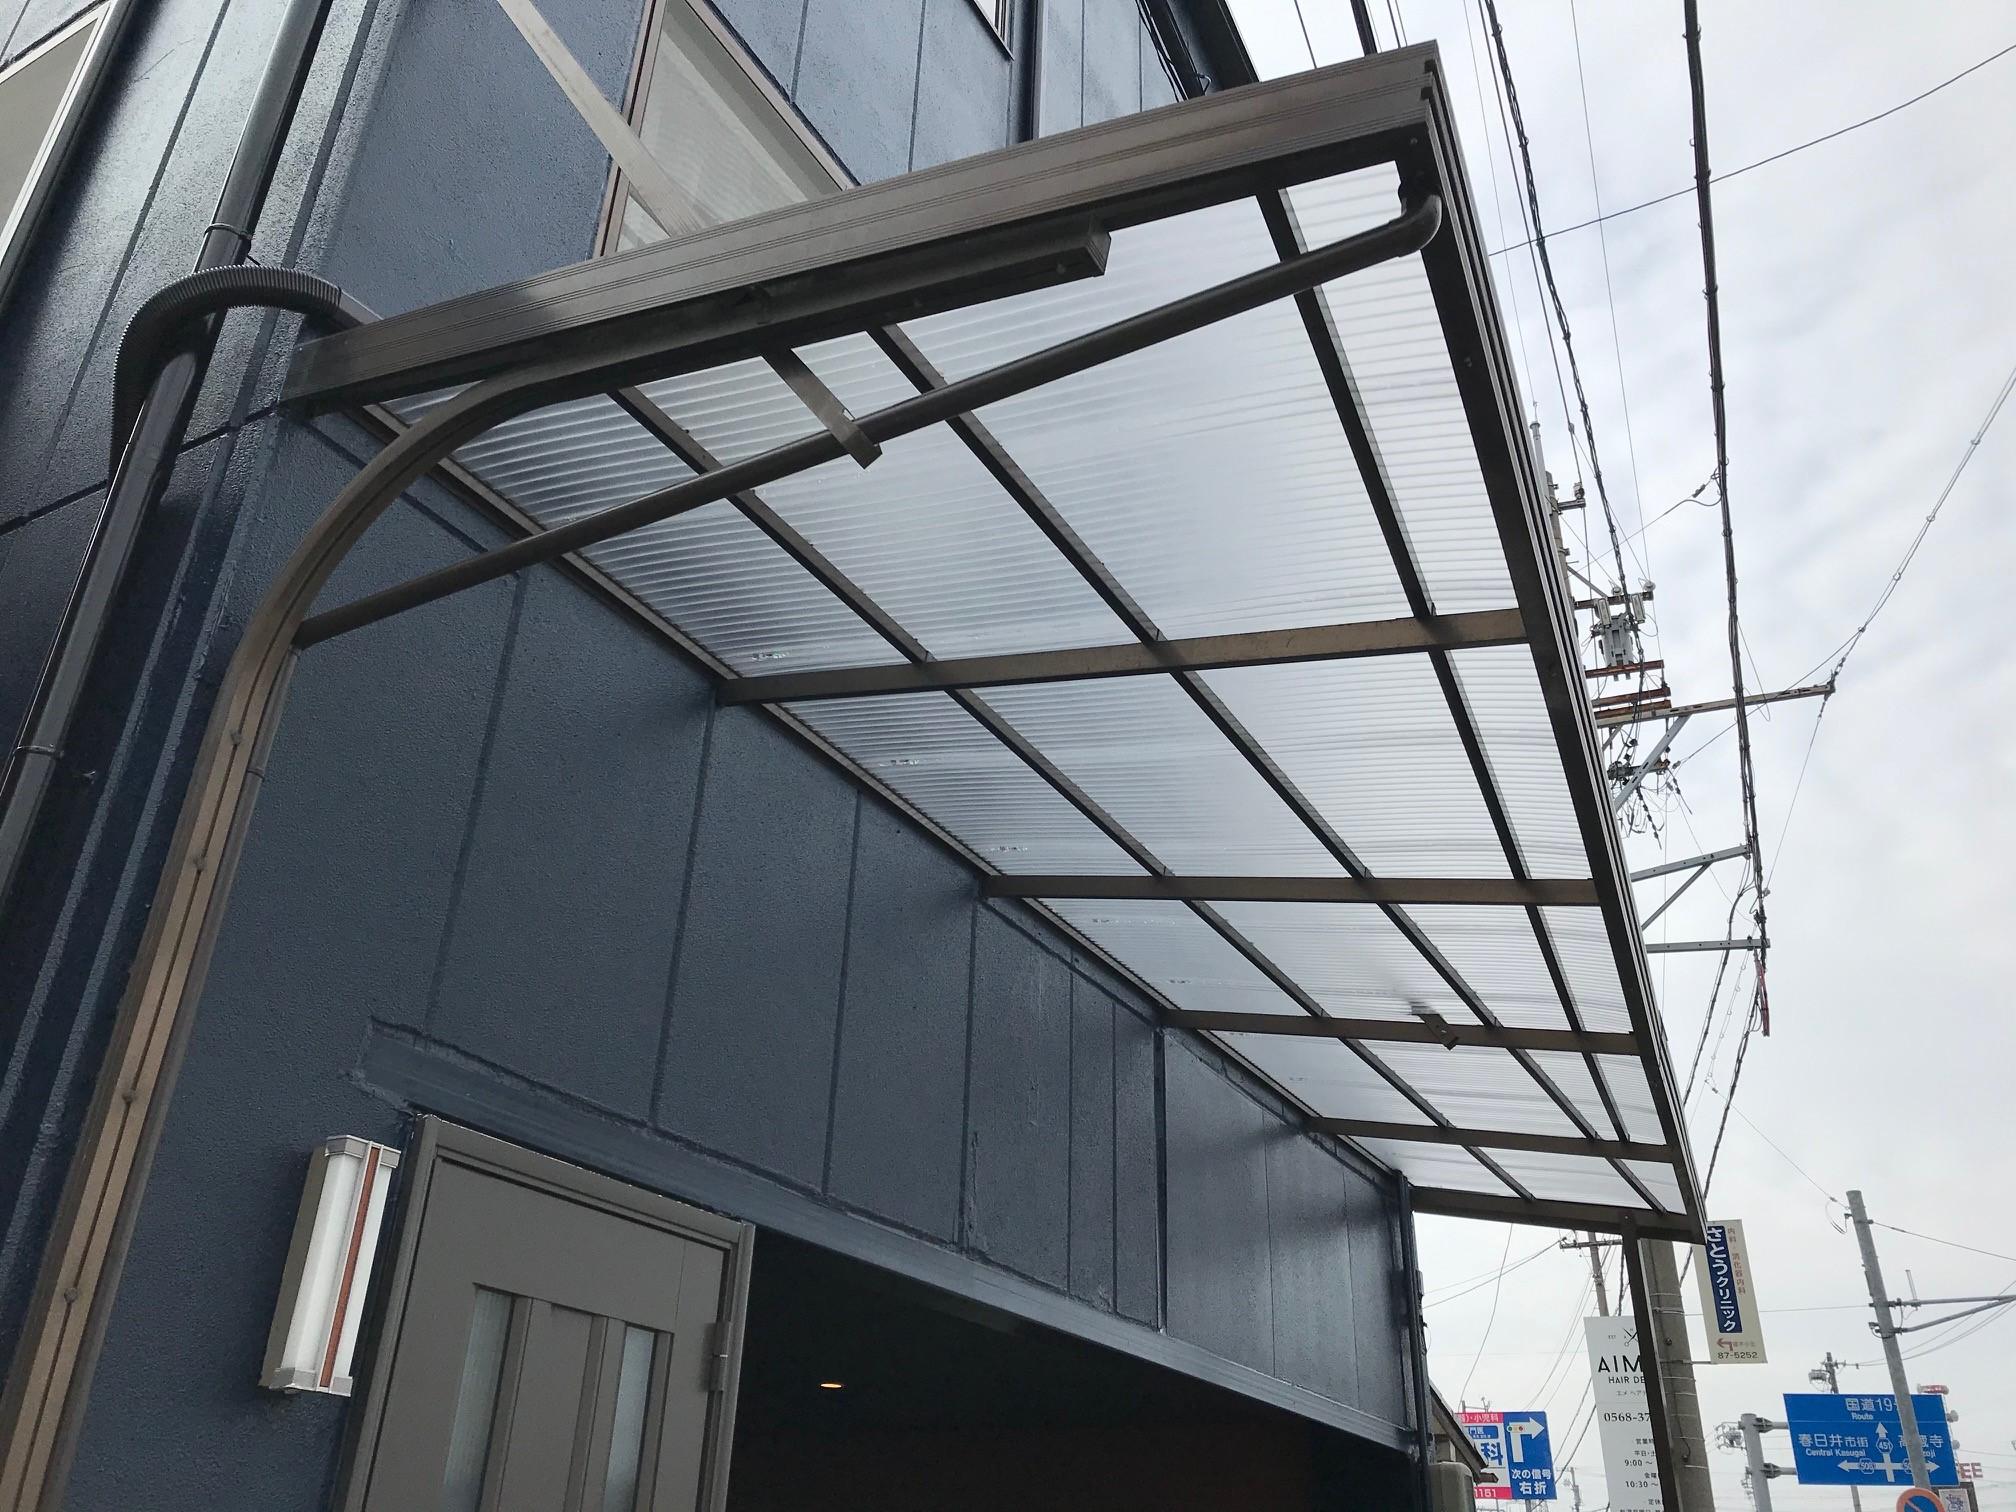 春日井市でポリカーボネート素材の波板取り付け工事を行いました。